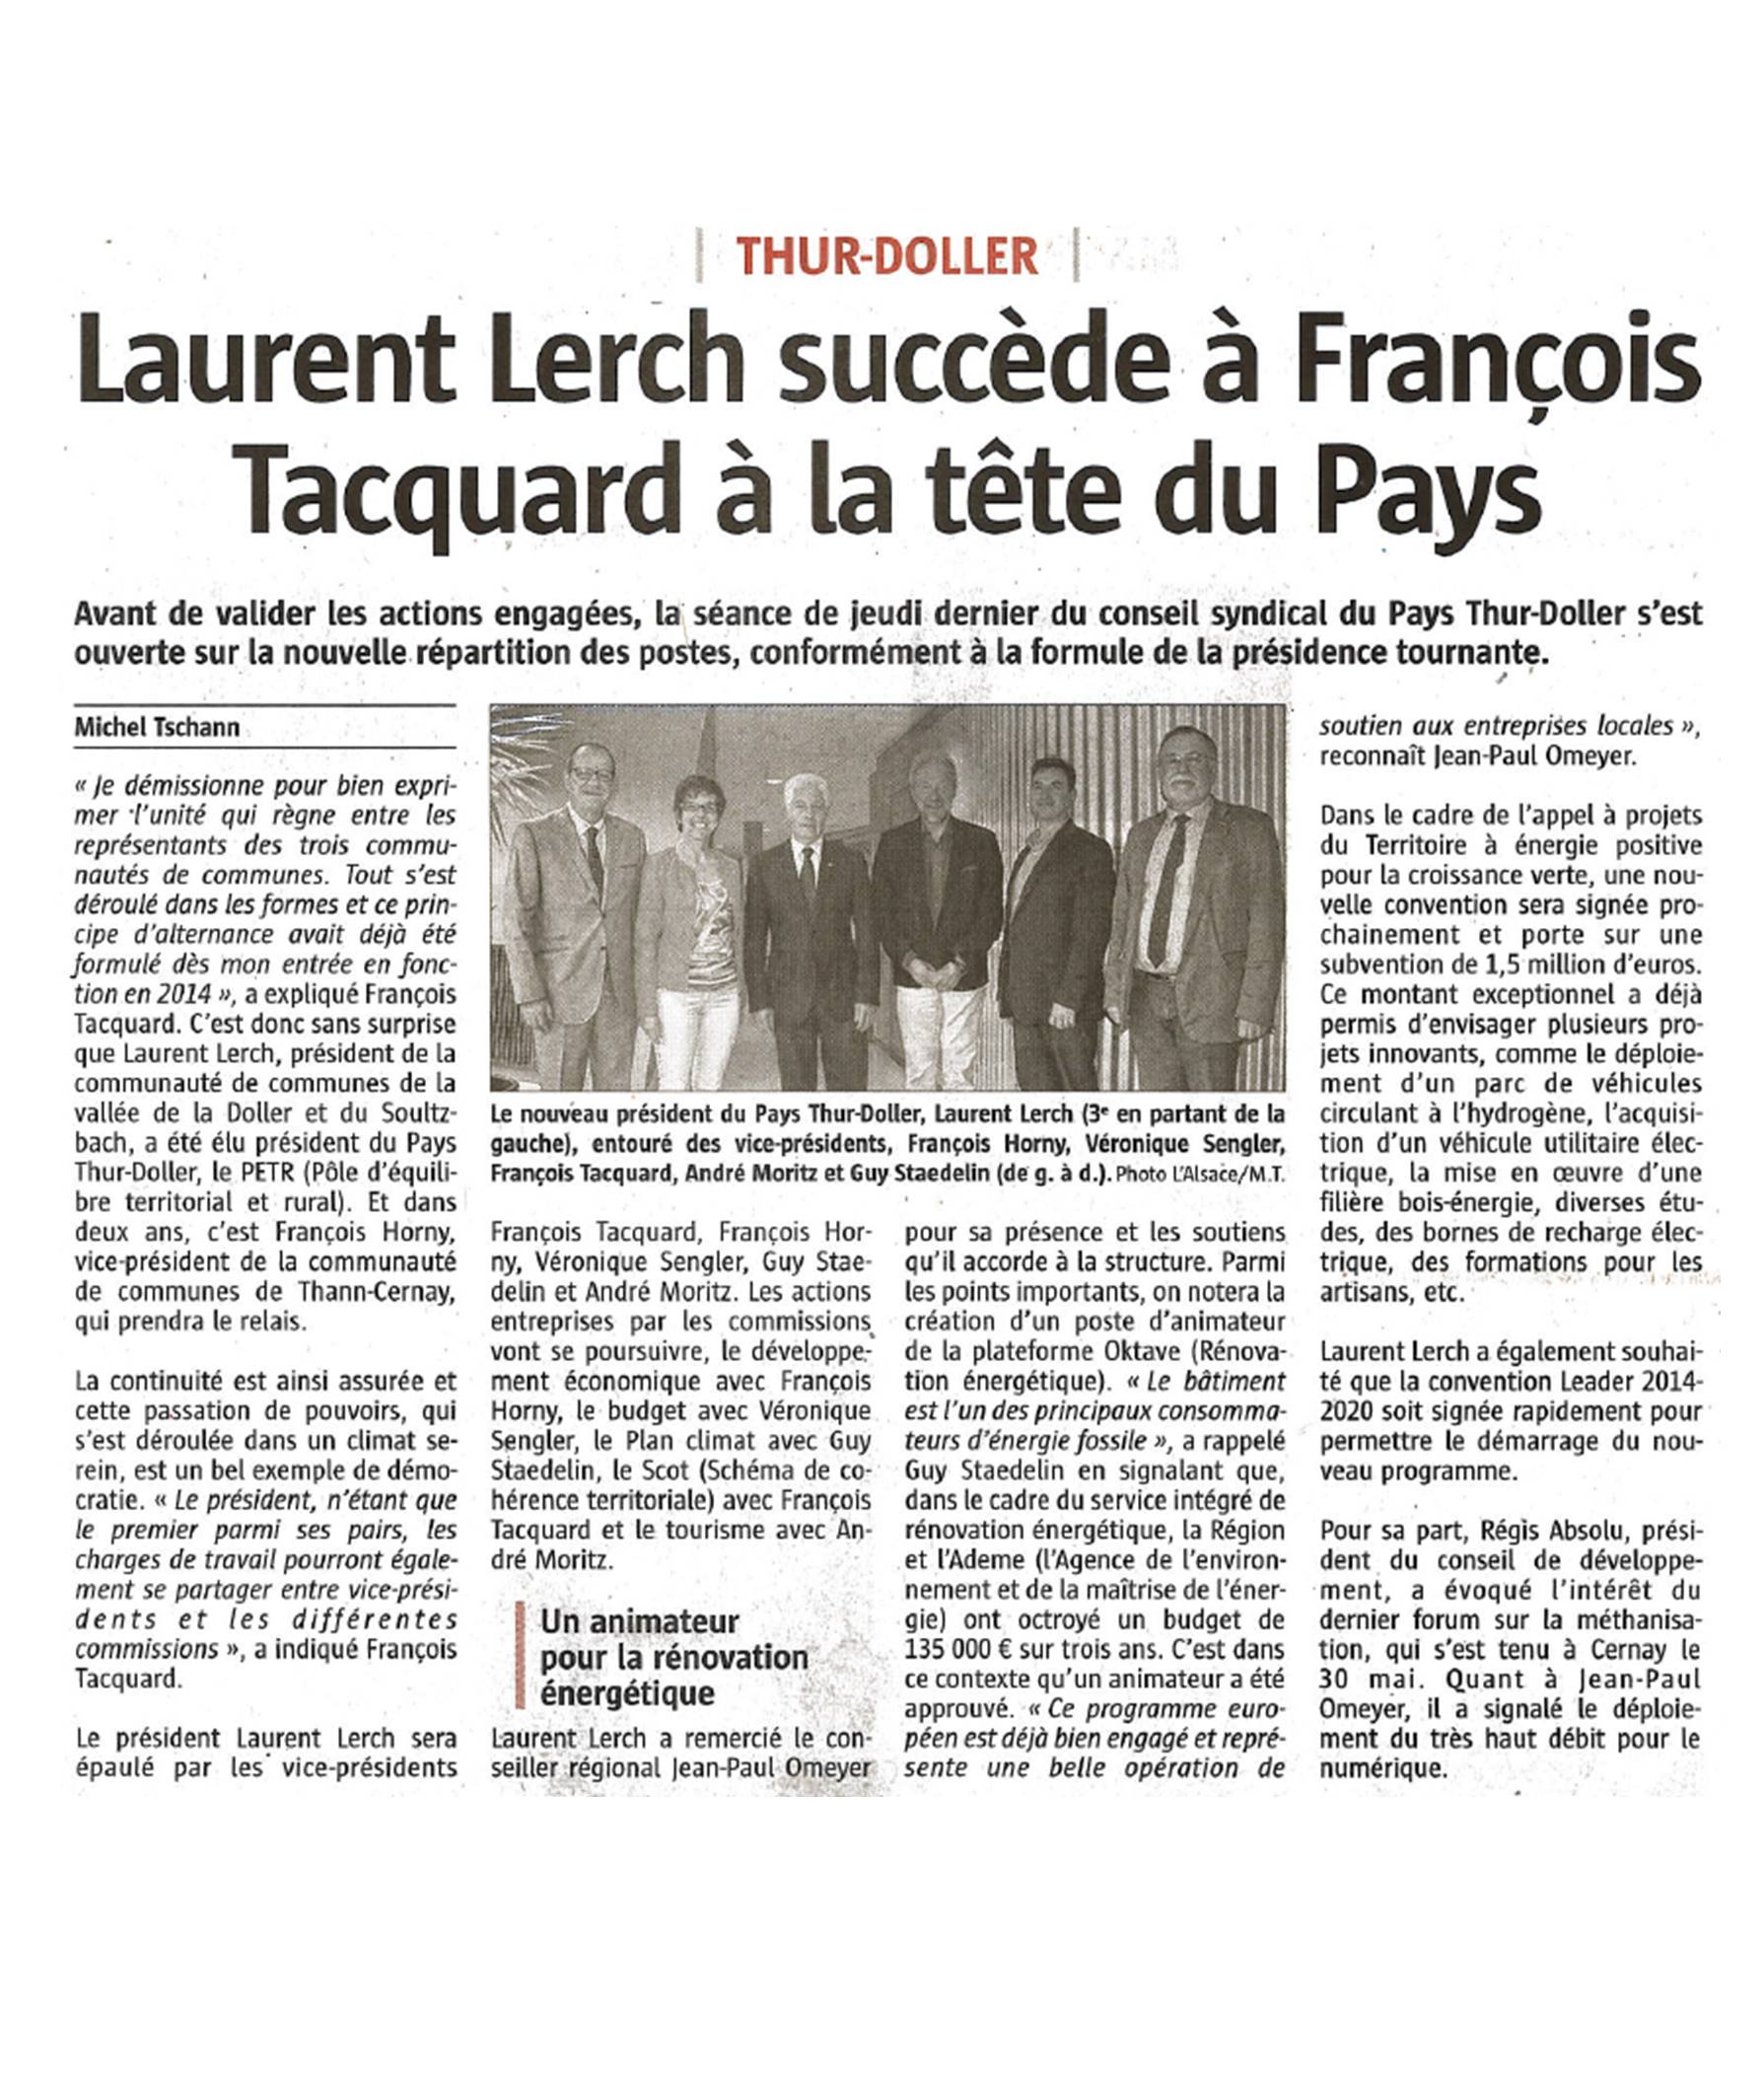 Laurent Lerch succède à François Tacquard à la tête du Pays - L'Alsace (21-06-2016)